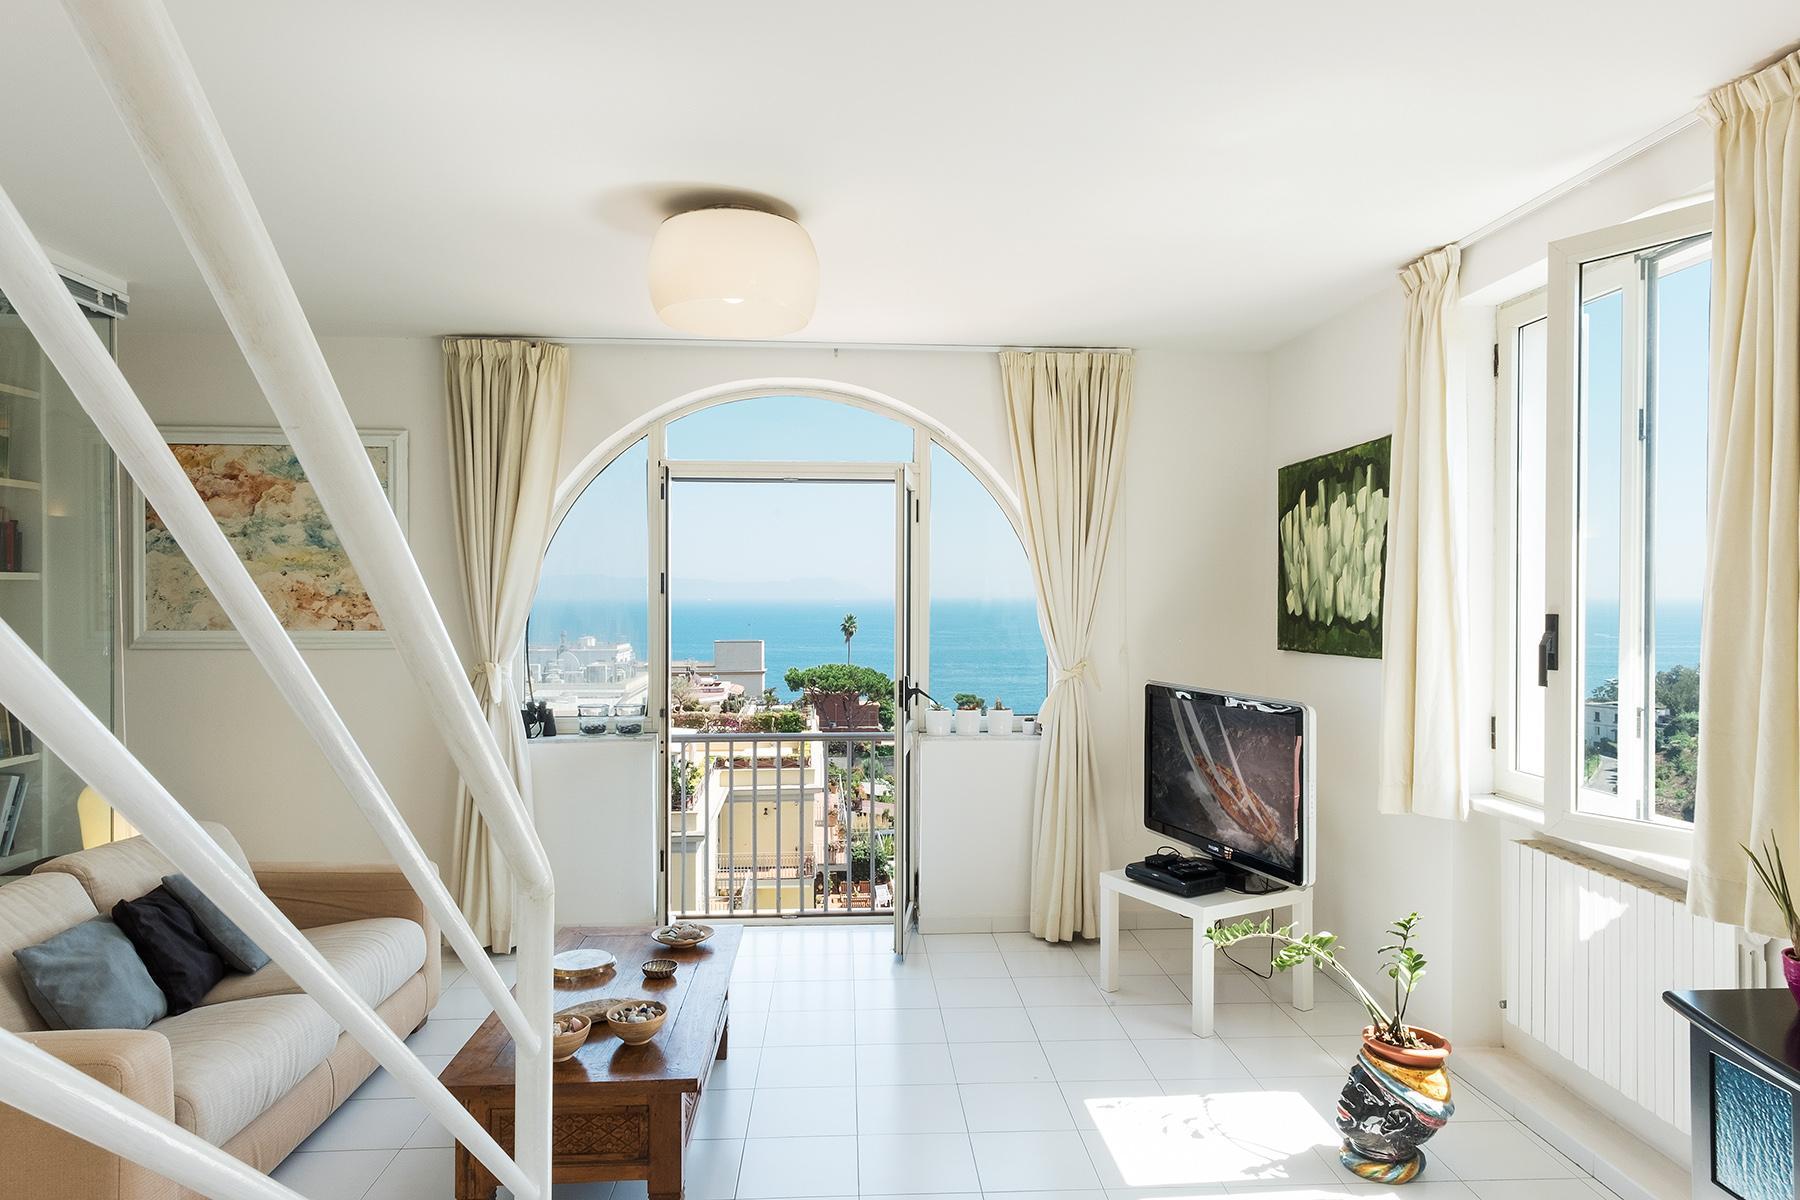 Wunderschönes Anwesen zwischen Himmel und Meer mit Blick auf Neapel - 6